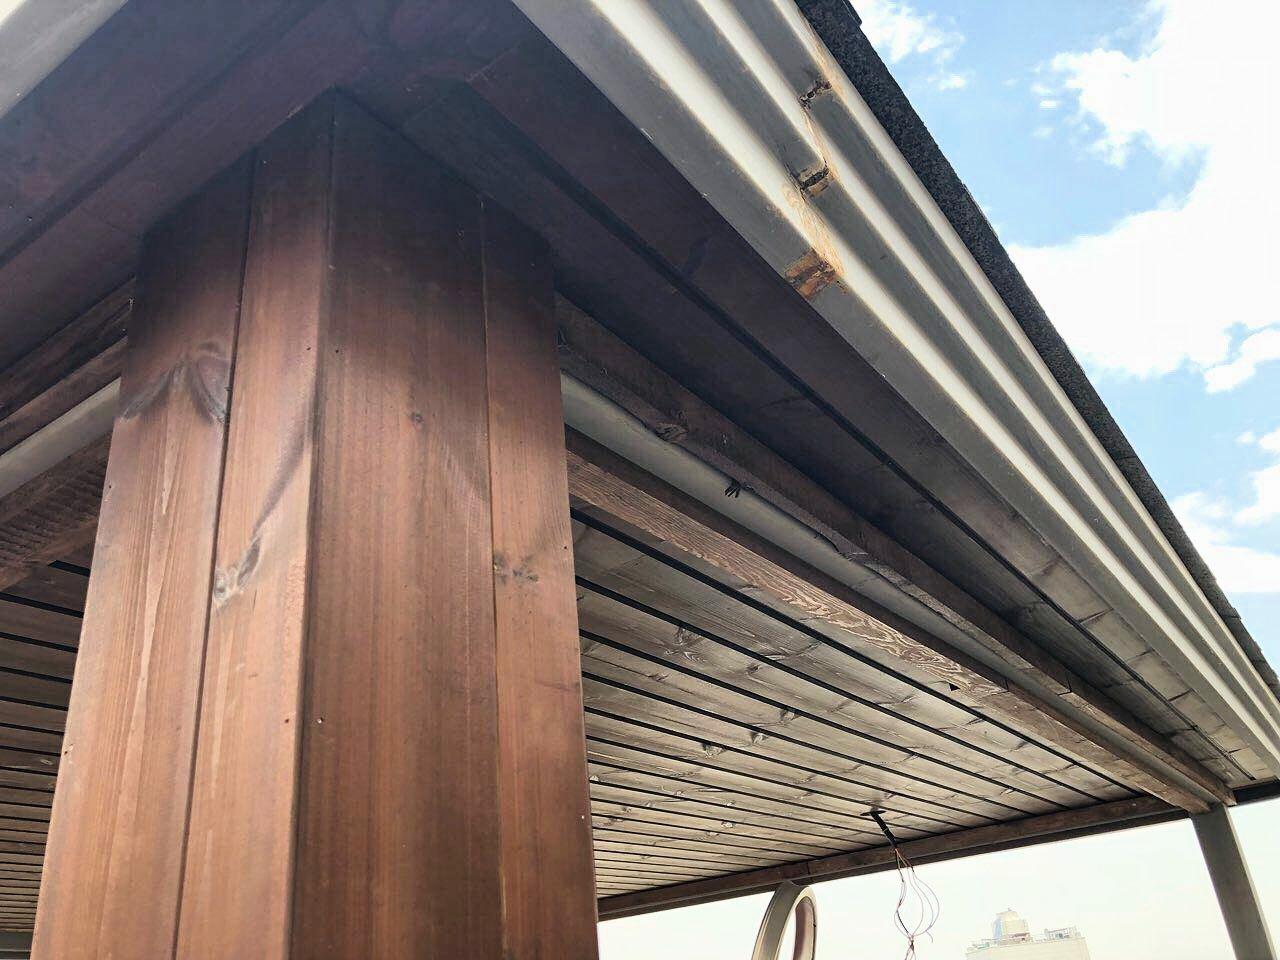 کاور چوبی ستون، پوشش ستون و تیر آهن در ساختمان، دیزاین داخلی ویلا